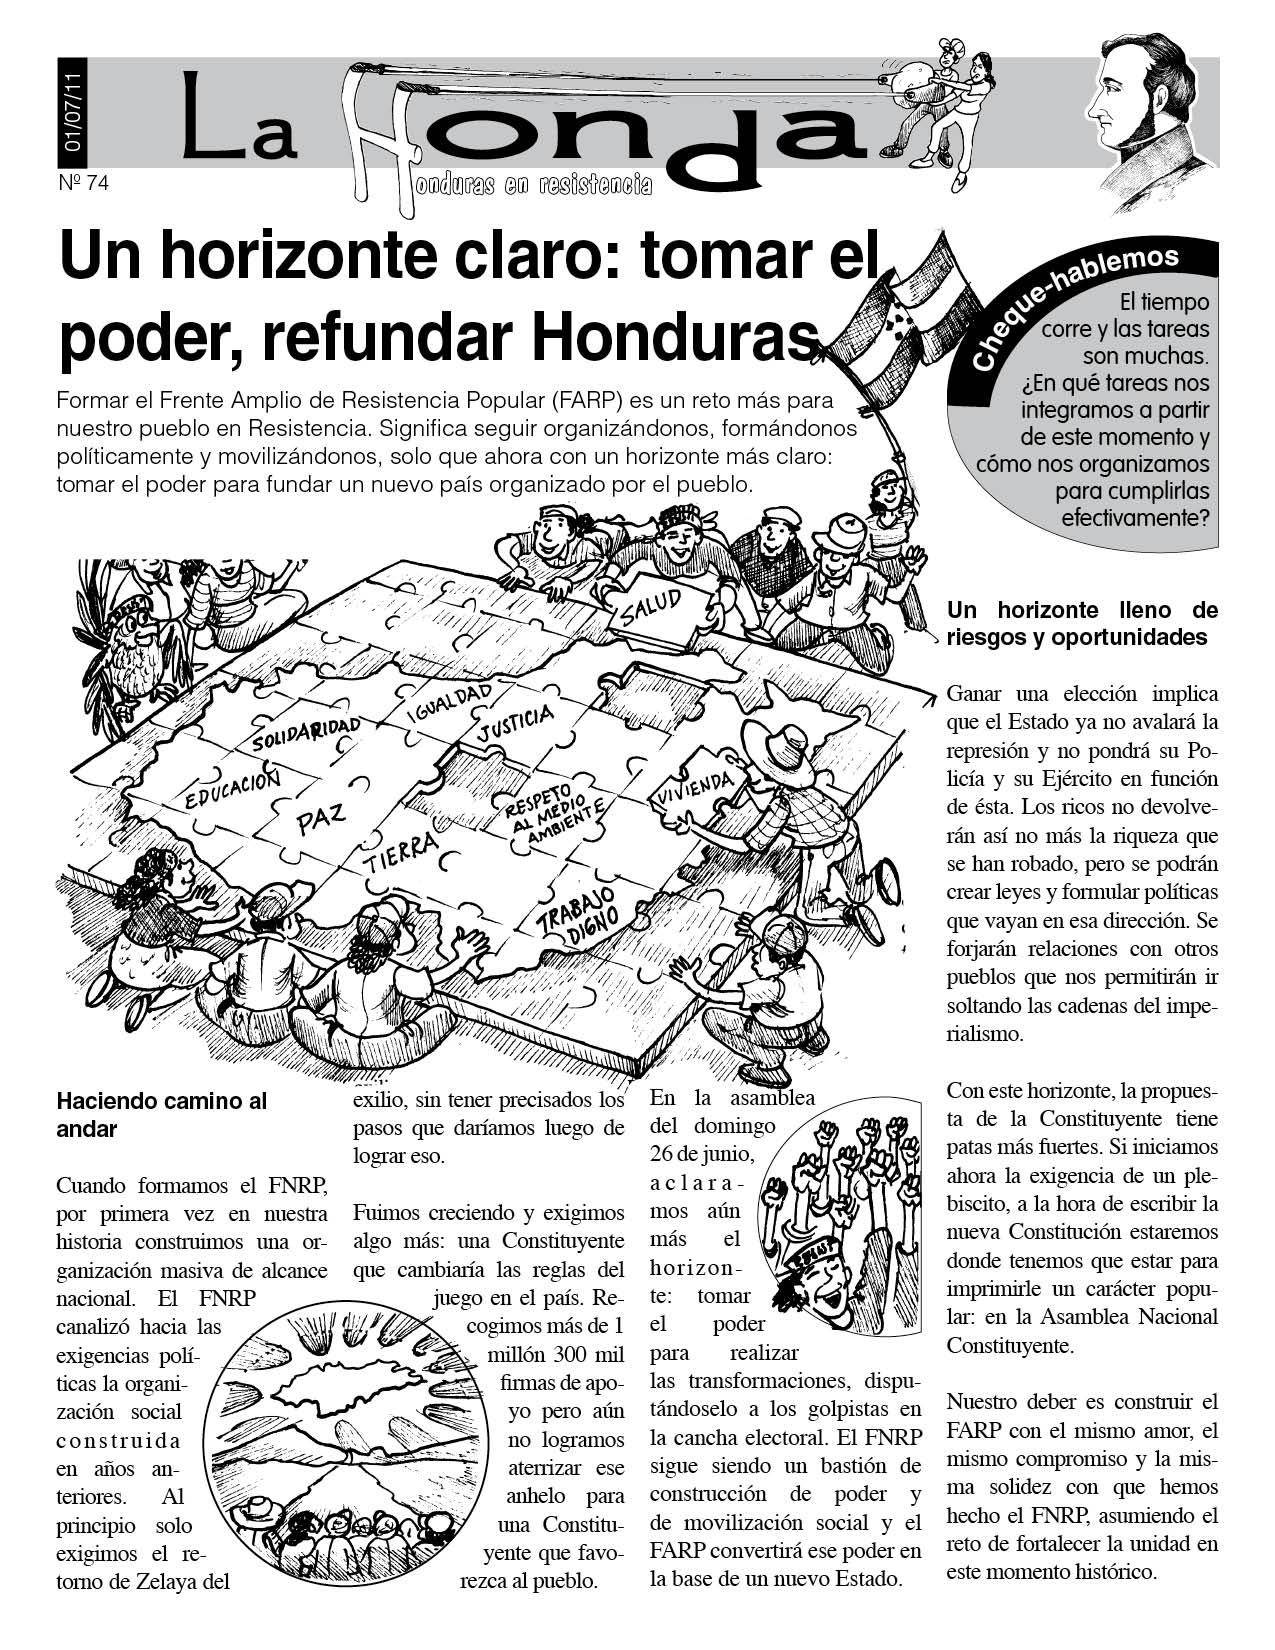 La Honda 74: Un horizonte claro: tomar el poder, refundar Honduras